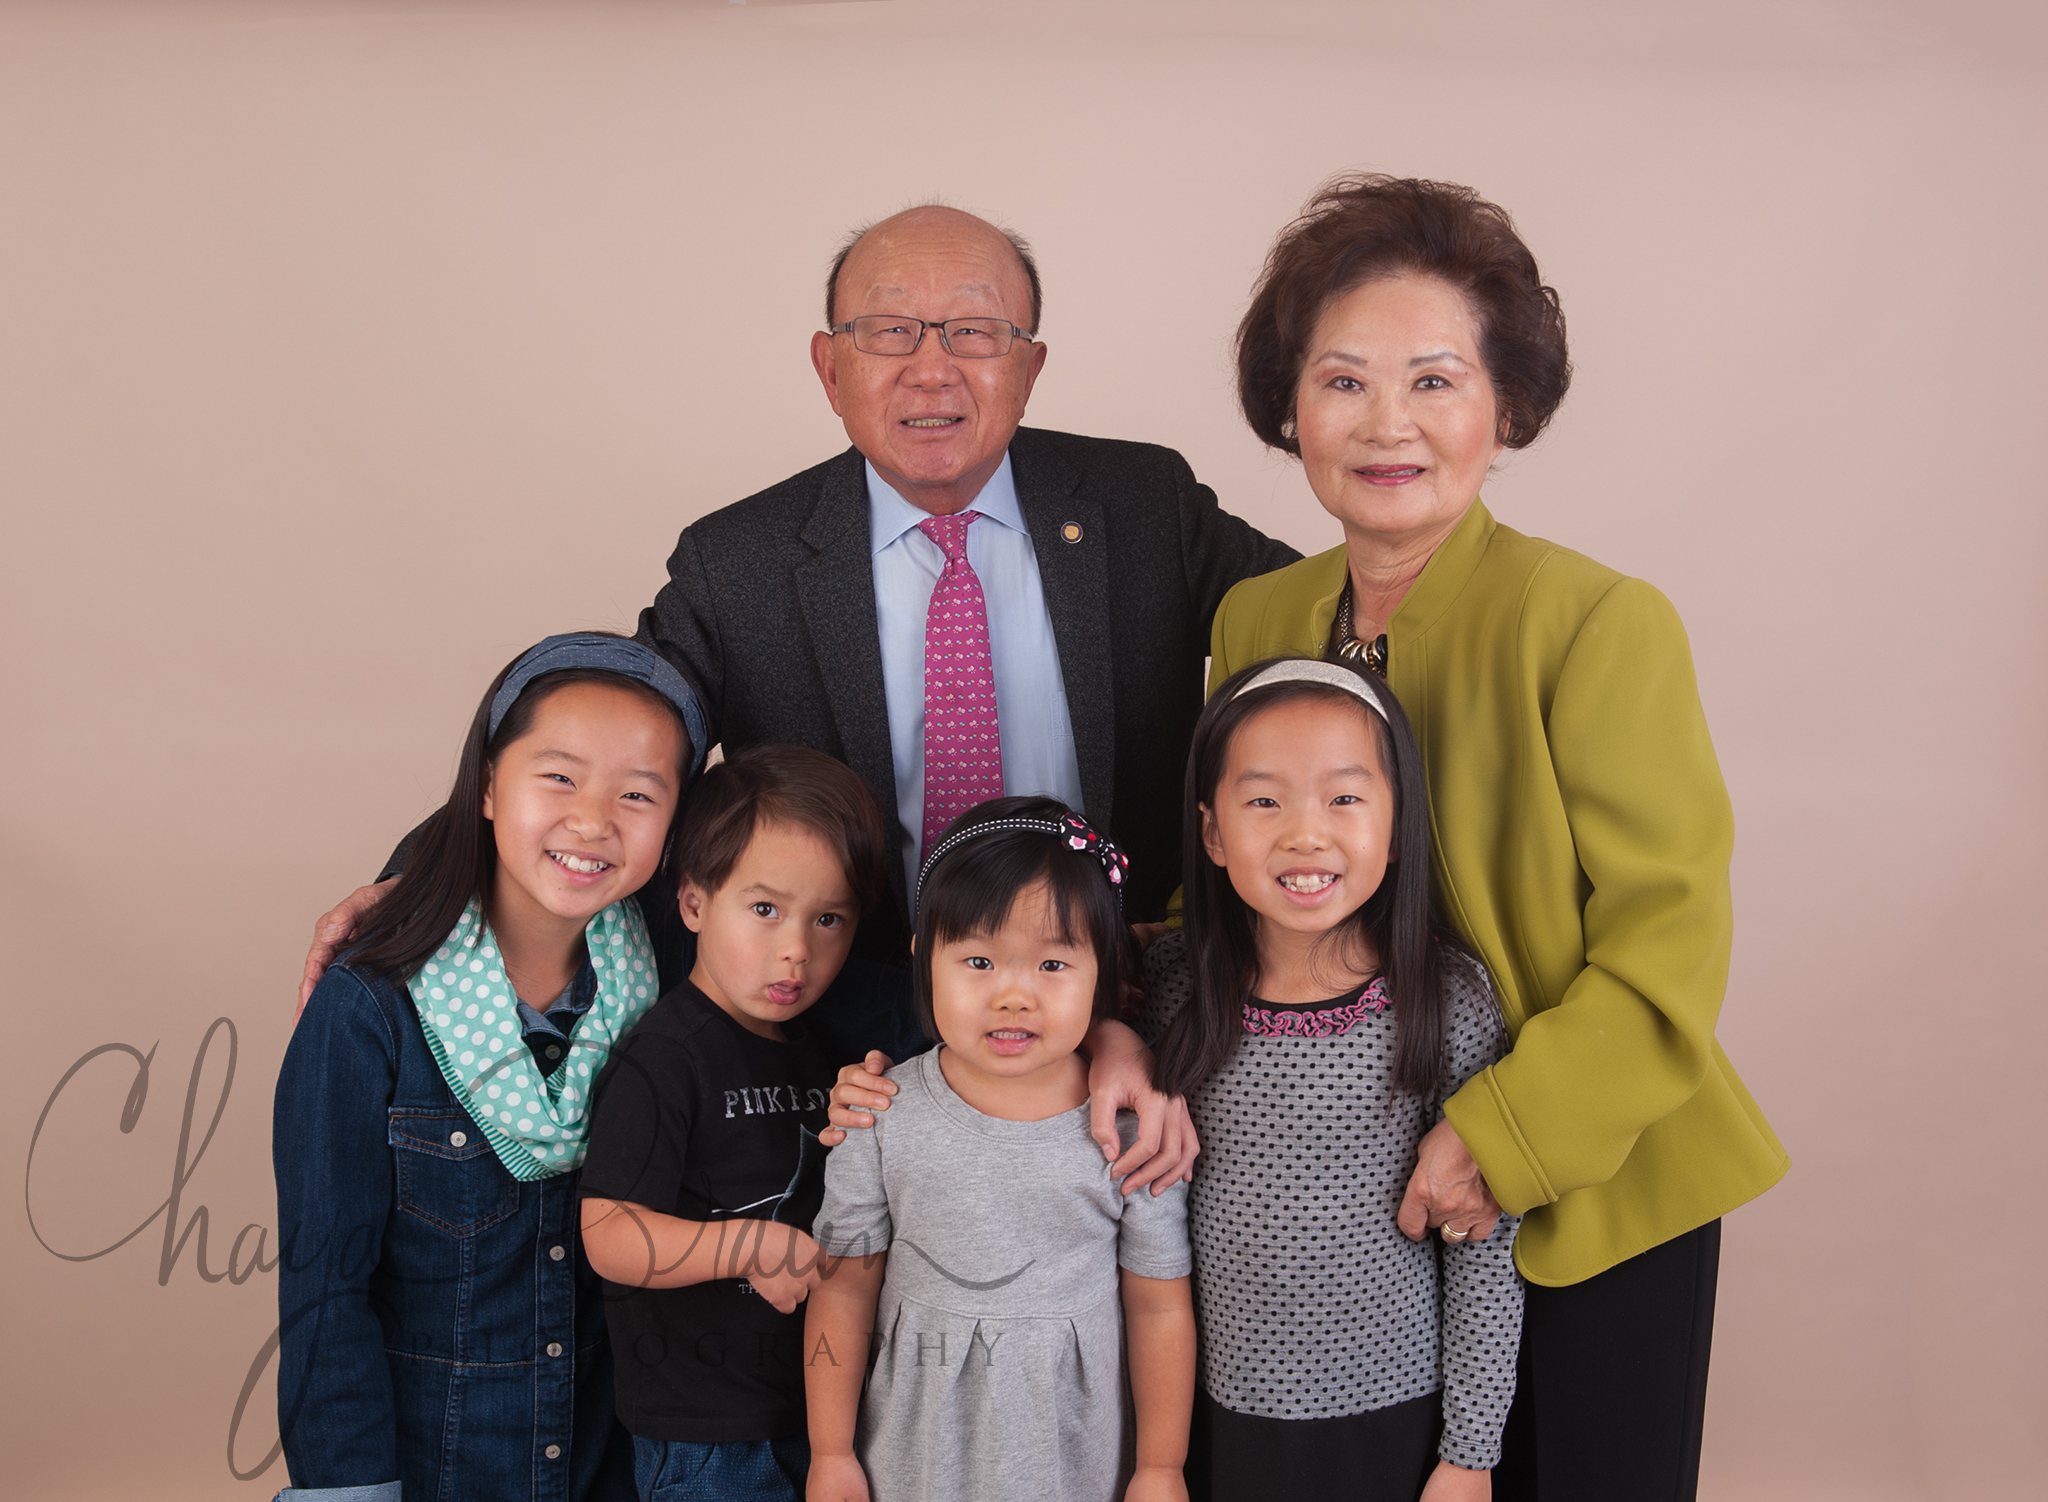 grandparents and grandchildren photo